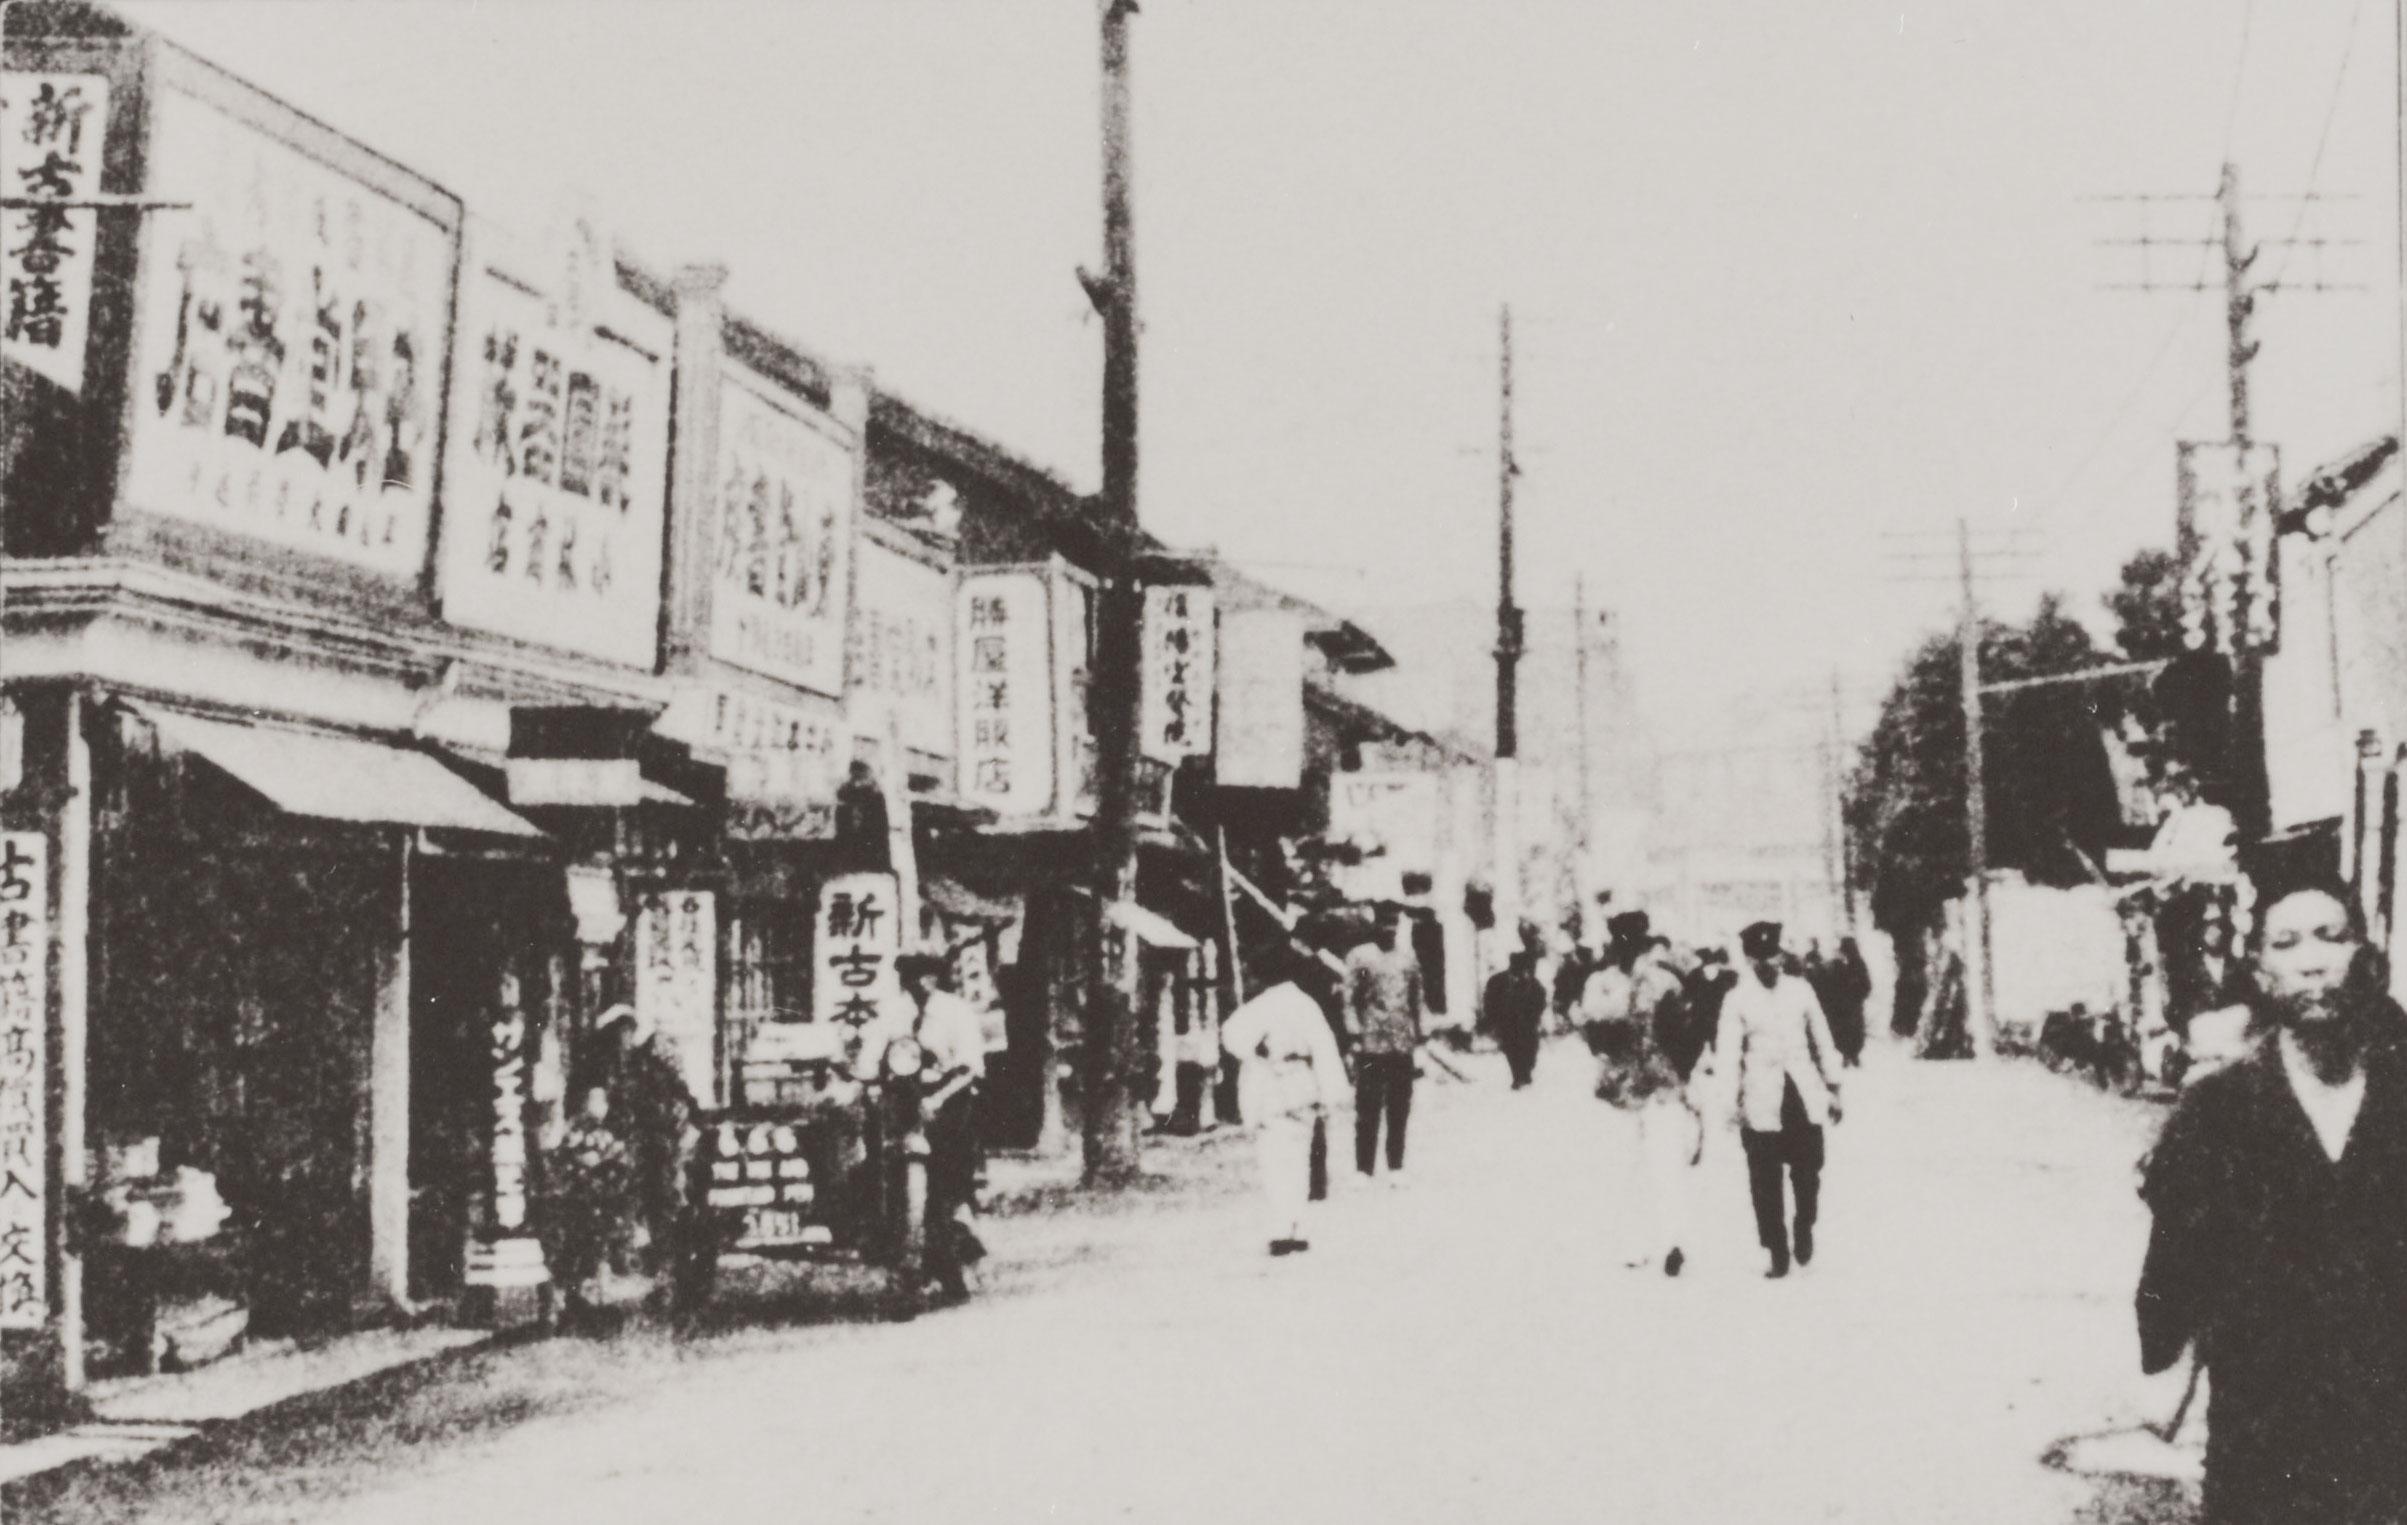 大正時代(1912〜1926年) – 新宿区史年表